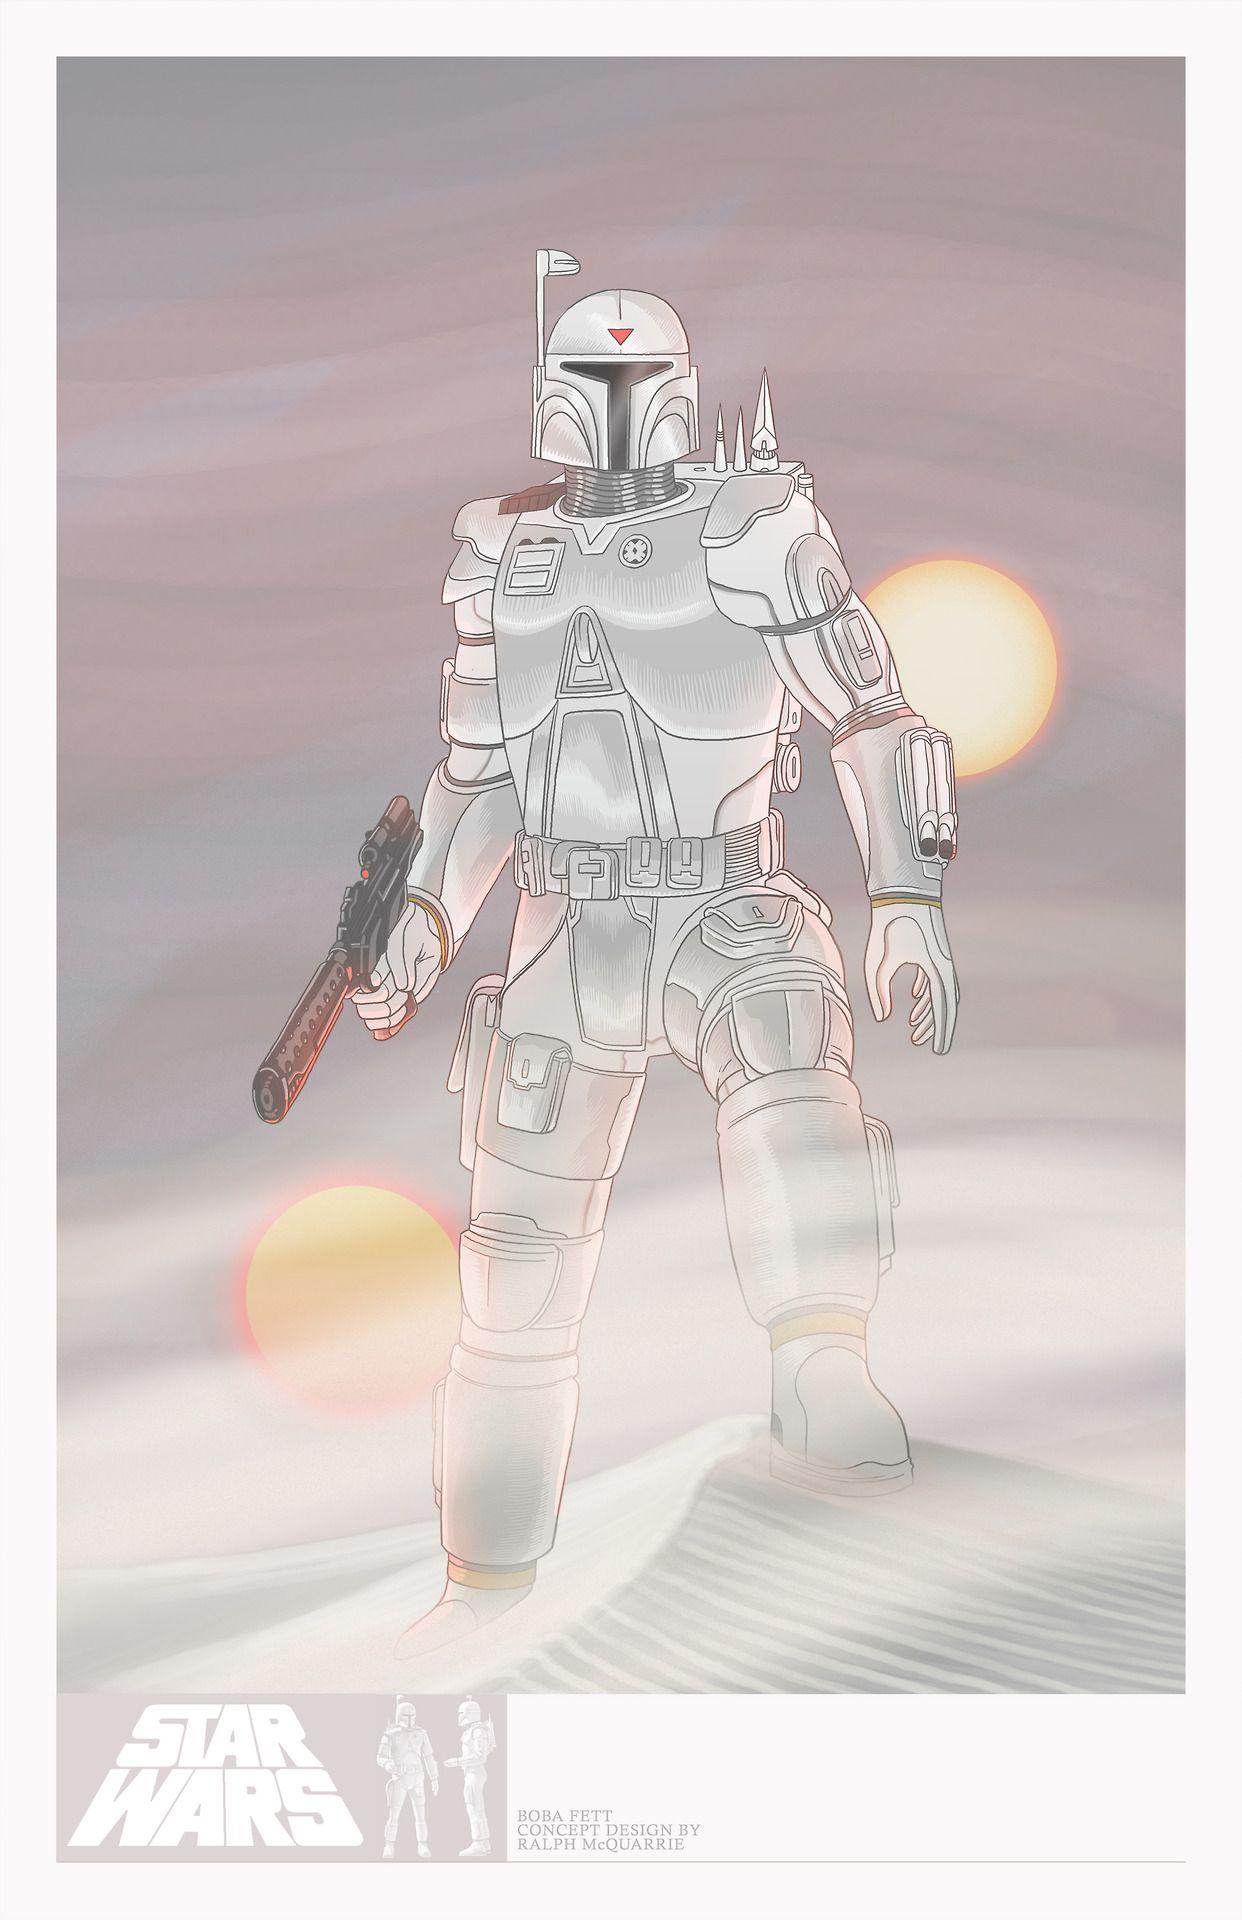 Star Wars Boba Fett By Ralph Mcquarrie Boba Fett Pinterest